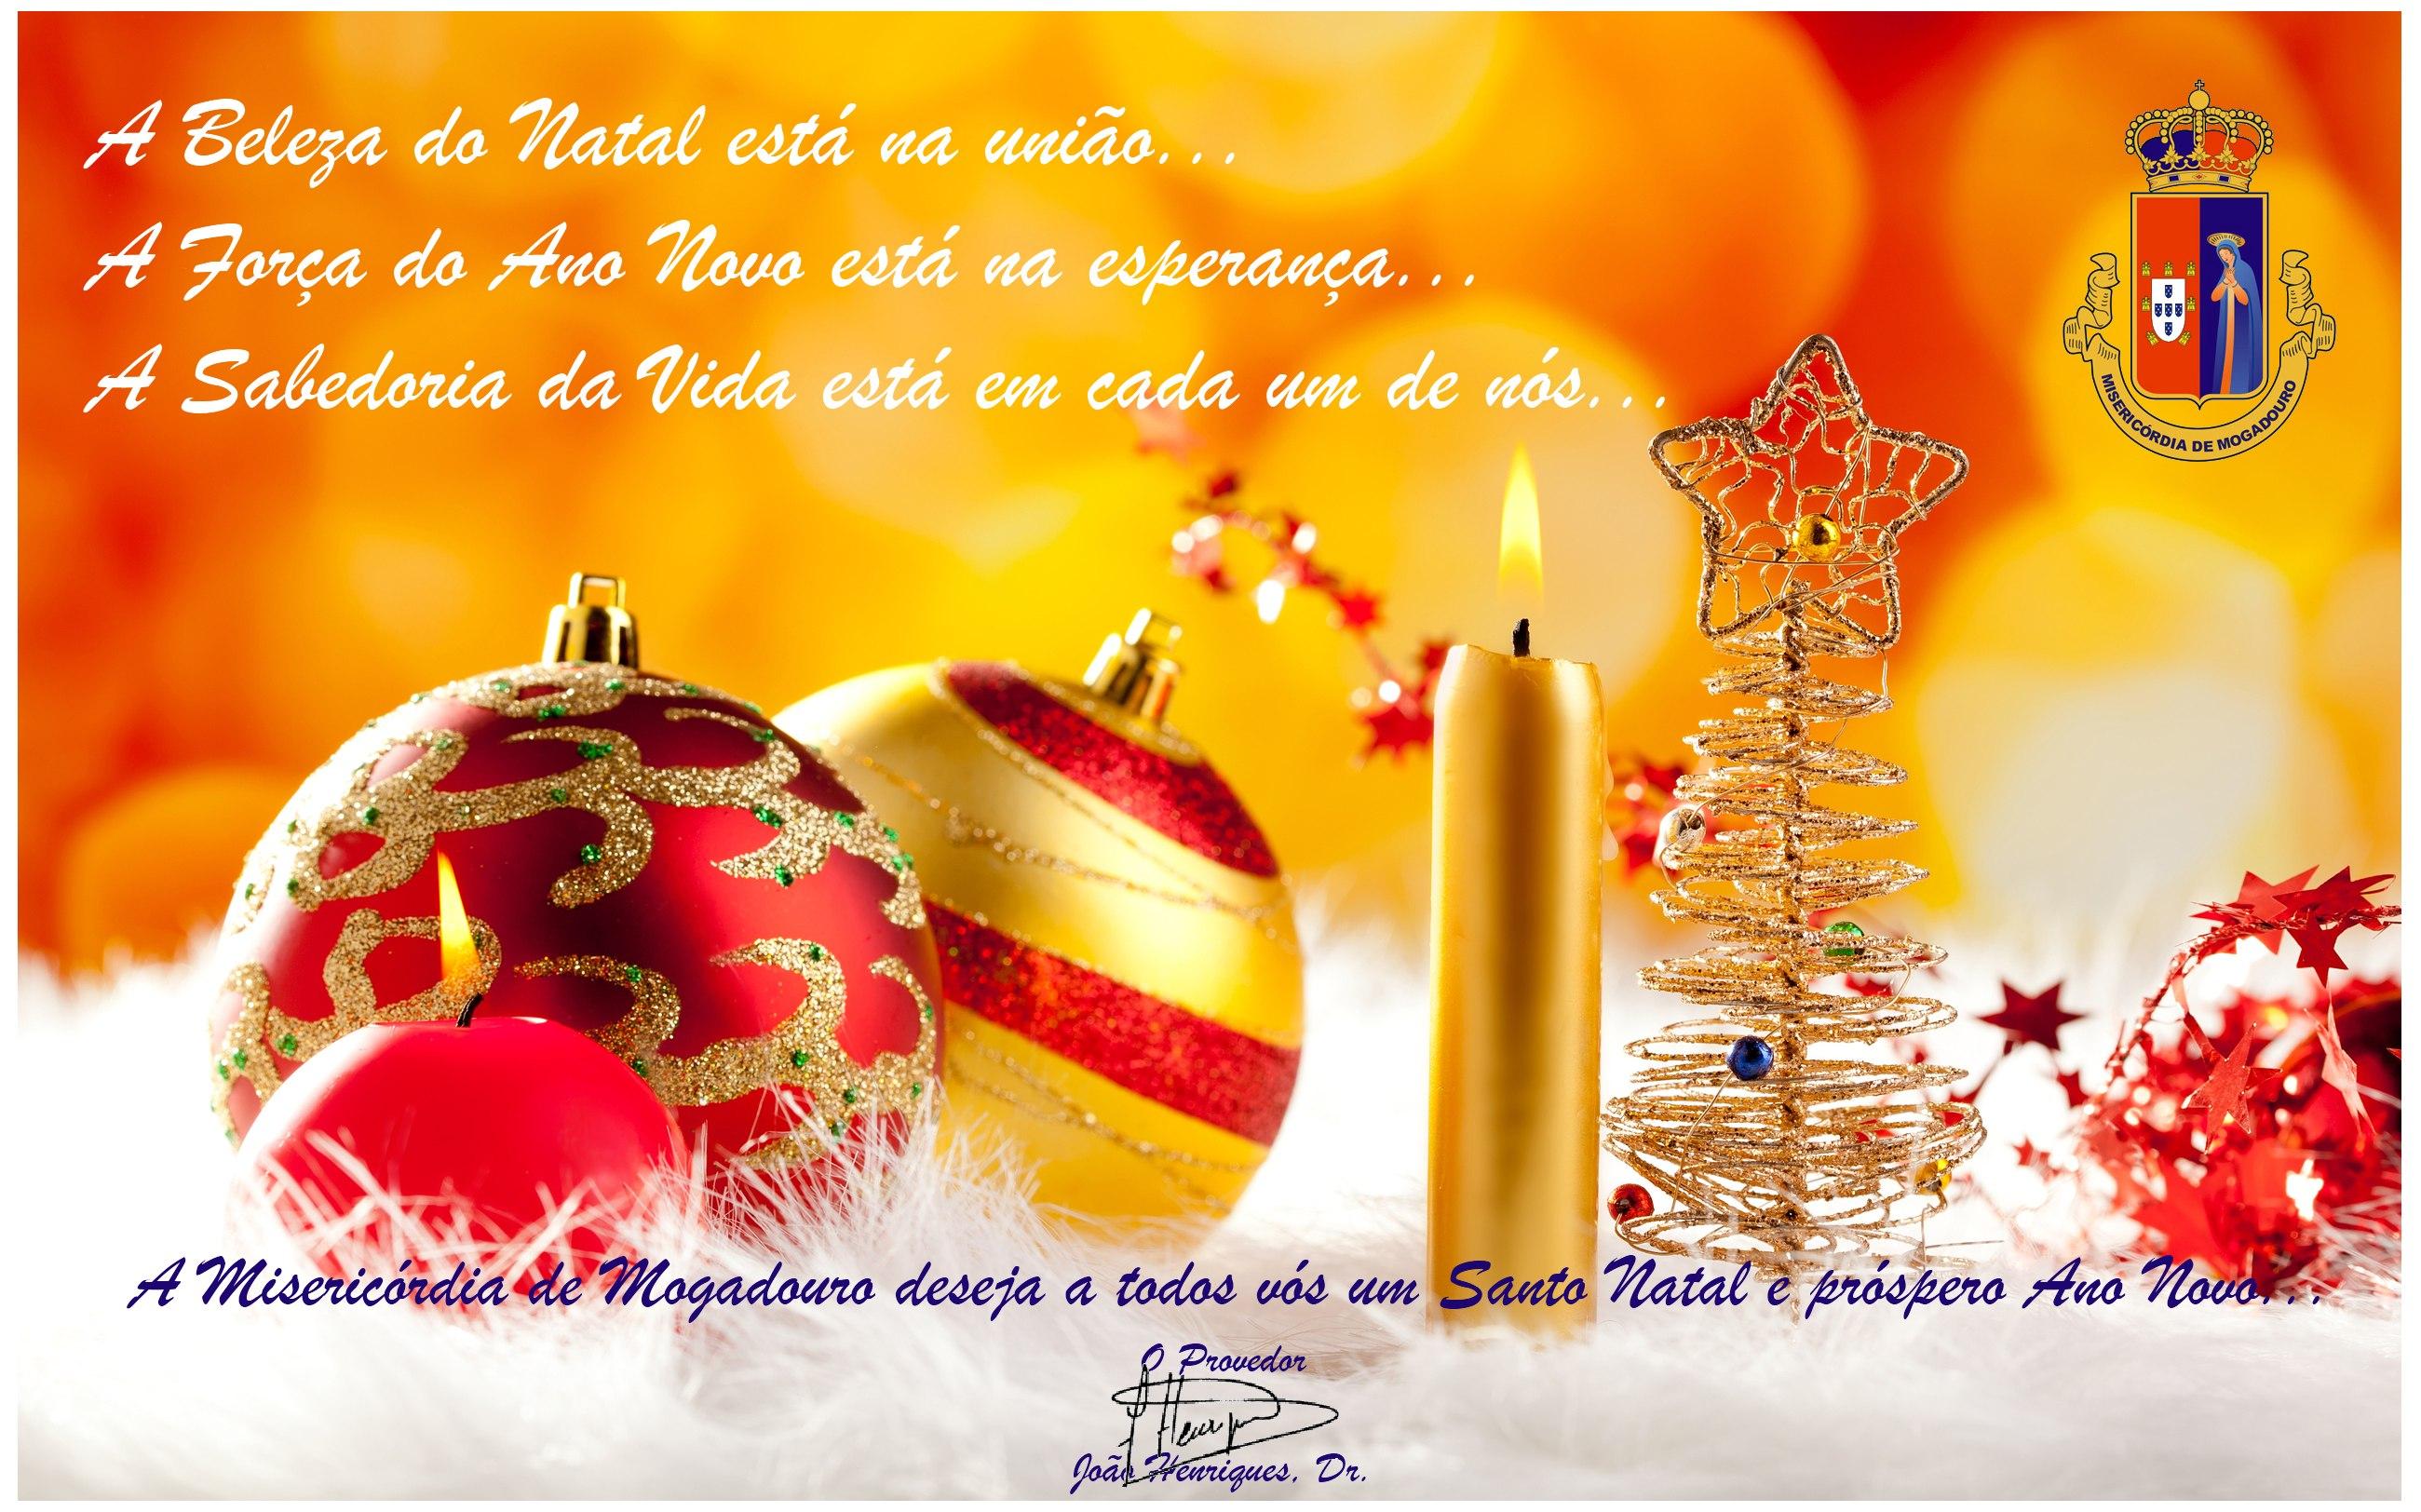 A Santa Casa da Misericórdia de Mogadouro deseja a todos vós um Santo Natal e próspero Ano Novo... Respeitosamente com cordiais saudações